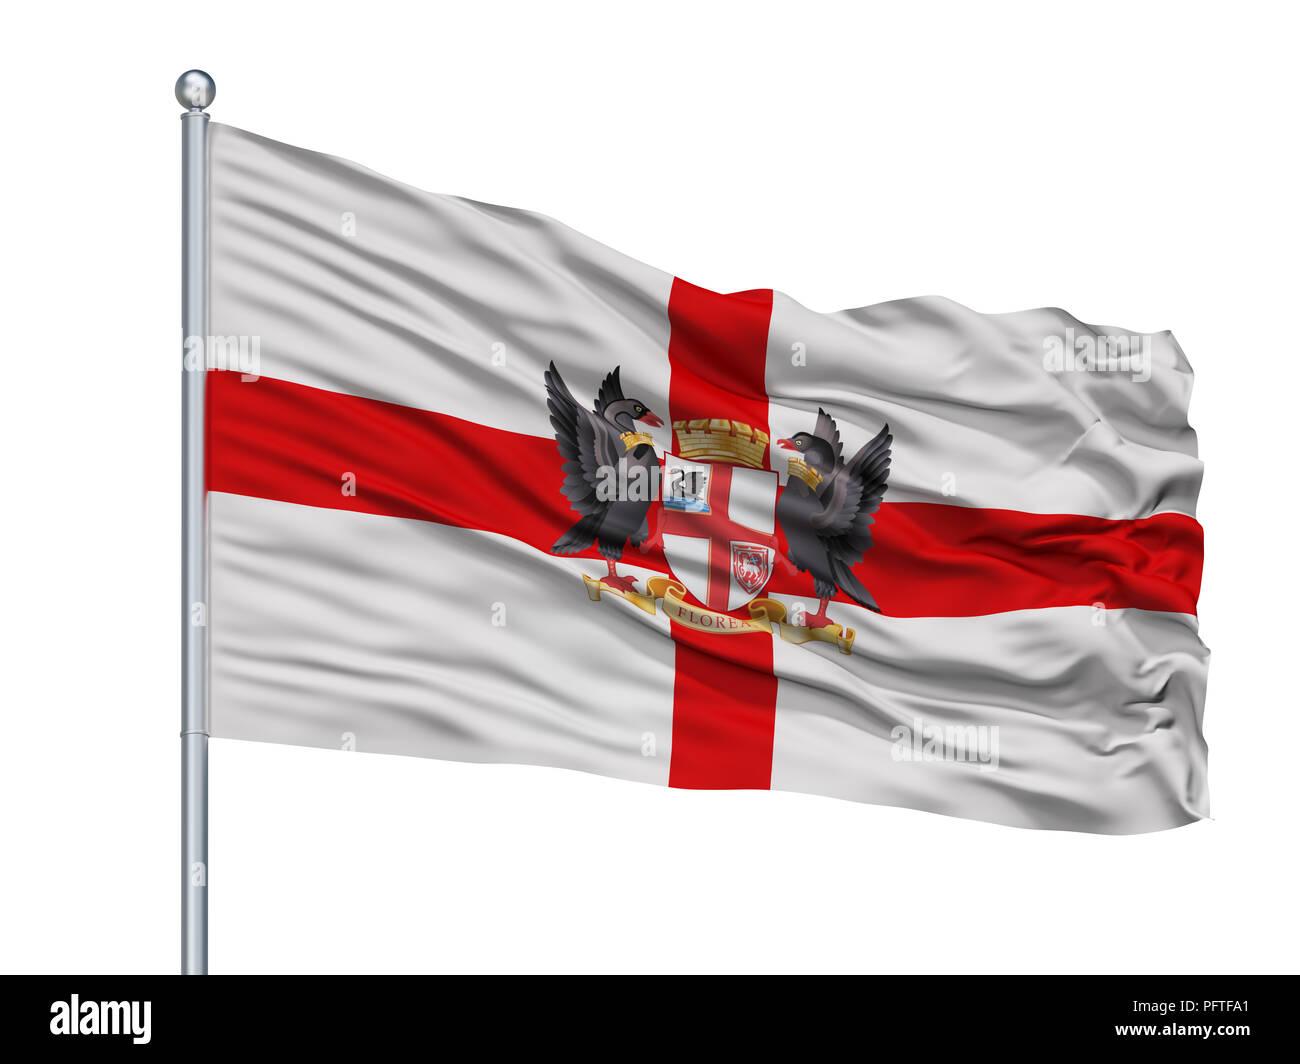 Perth City Flag On Flagpole, Australia, Isolated On White Background - Stock Image